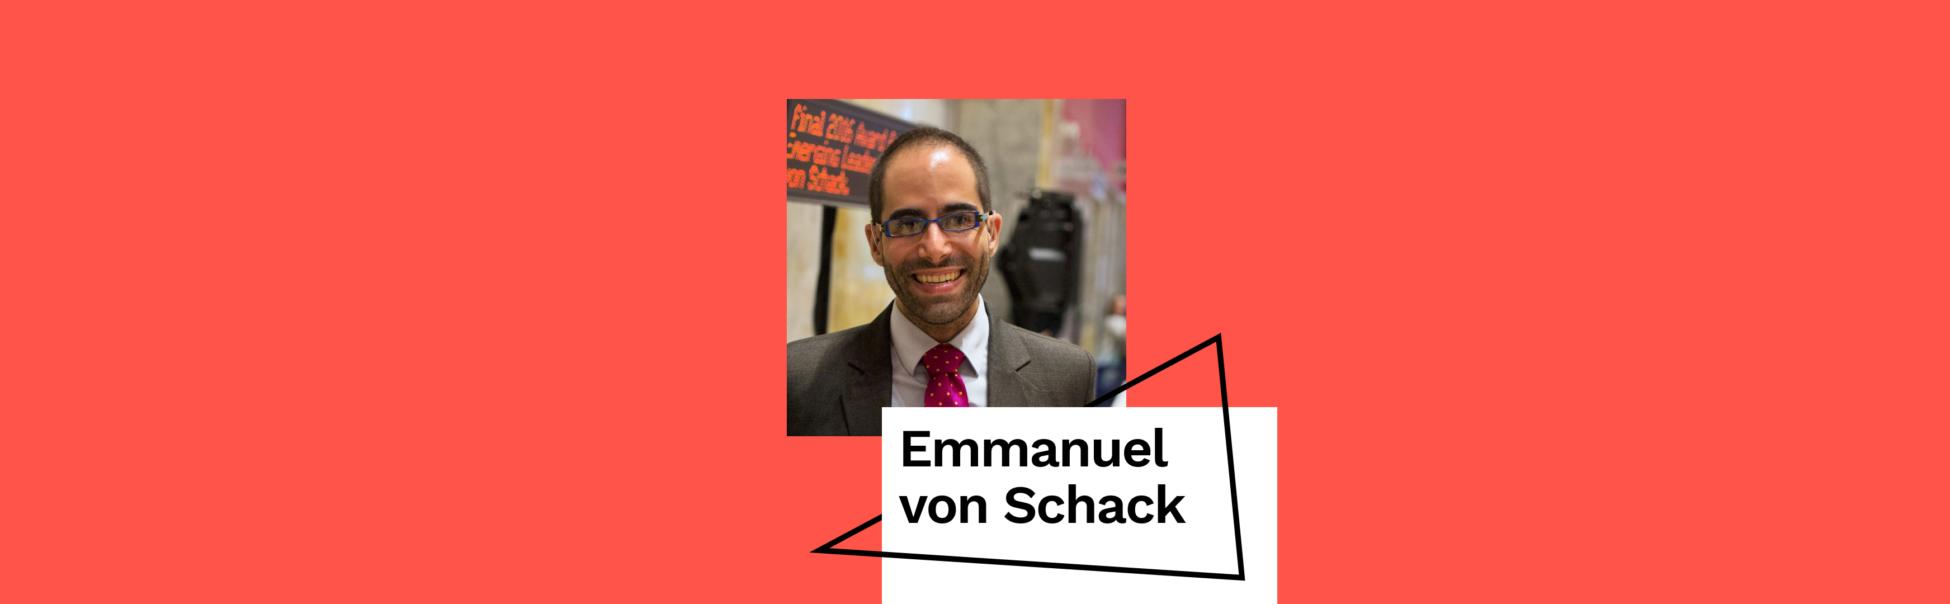 Emmanuel von Schack